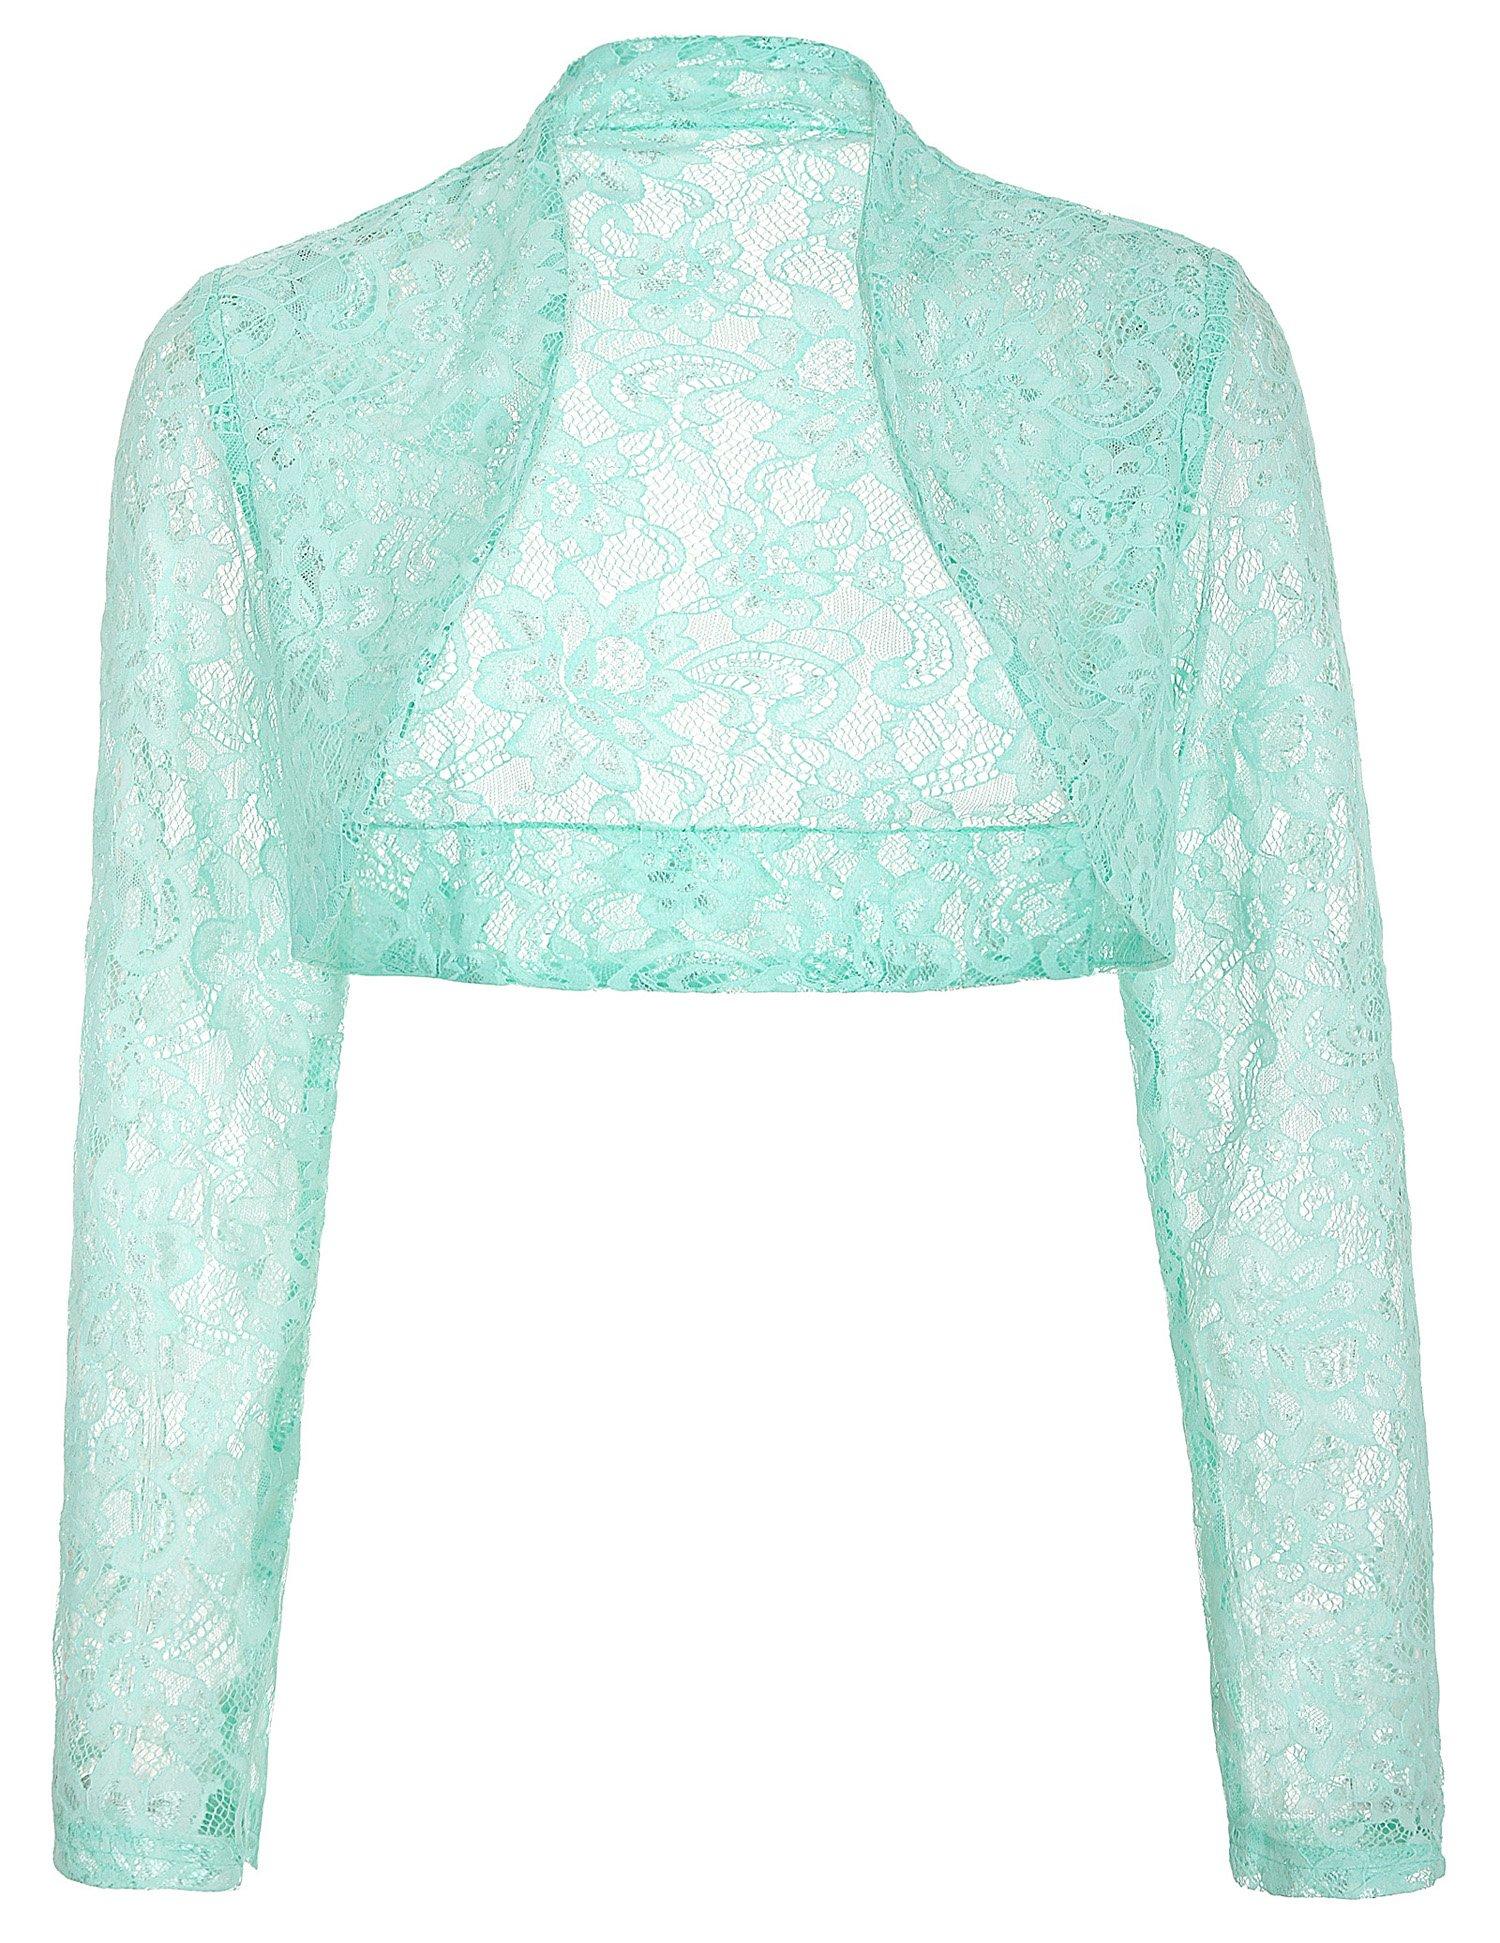 Get Quotations · JS Fashion Vintage Dress Belle Poque Women s Long Sleeve  Floral Lace Shrug Bolero Cardigan JS49 7cddb20de